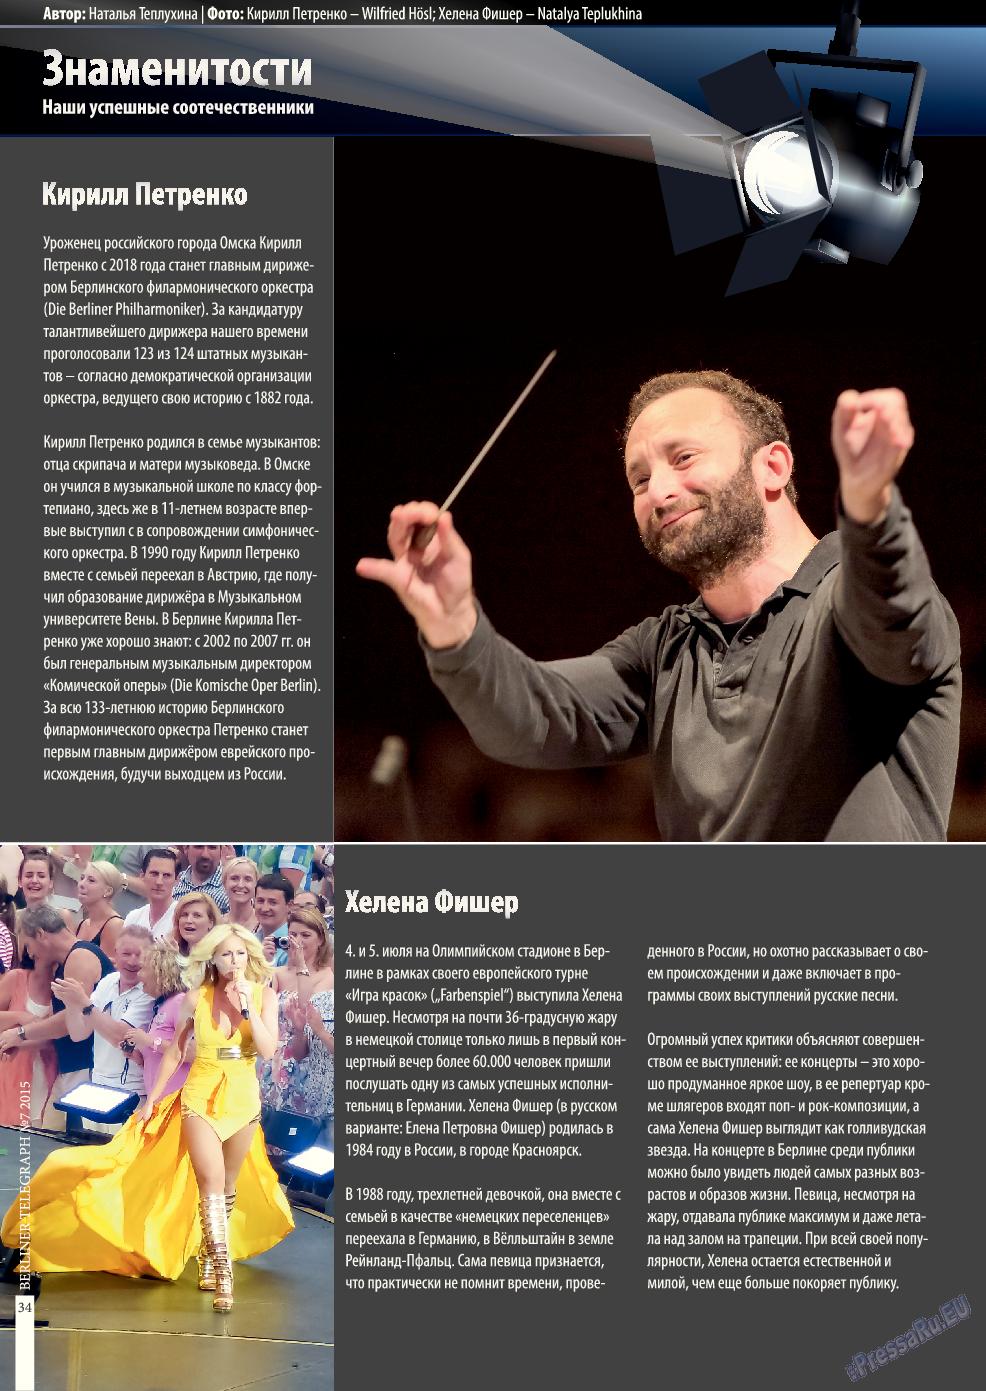 Берлинский телеграф (журнал). 2015 год, номер 8, стр. 34